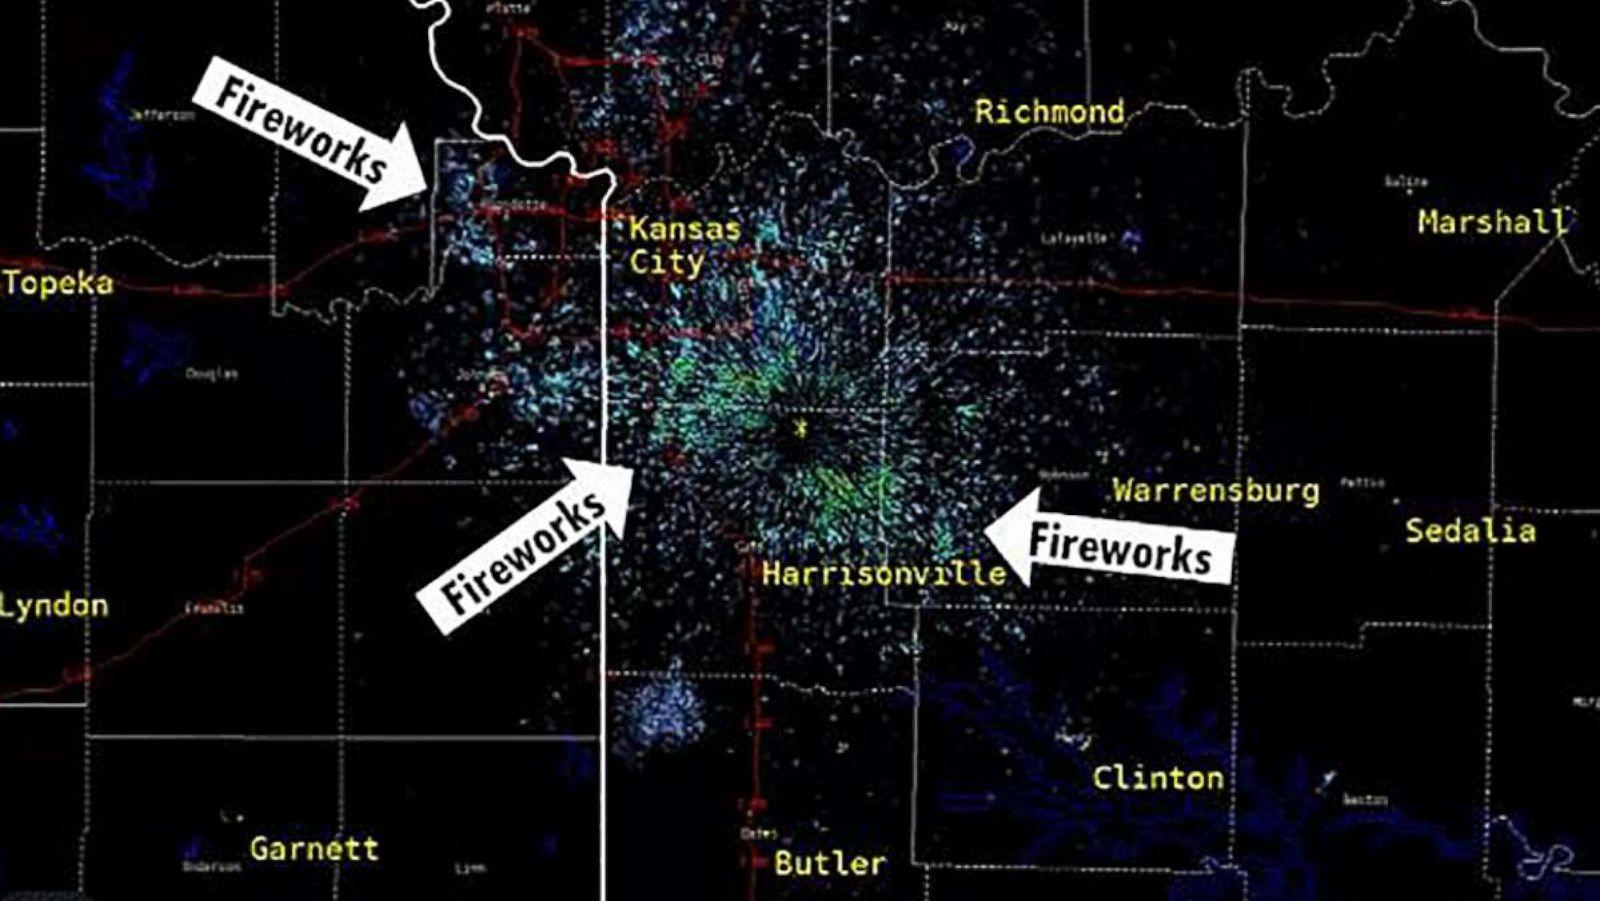 Weather Map Kansas City Kansas City fireworks light up weather map after Chiefs' Super